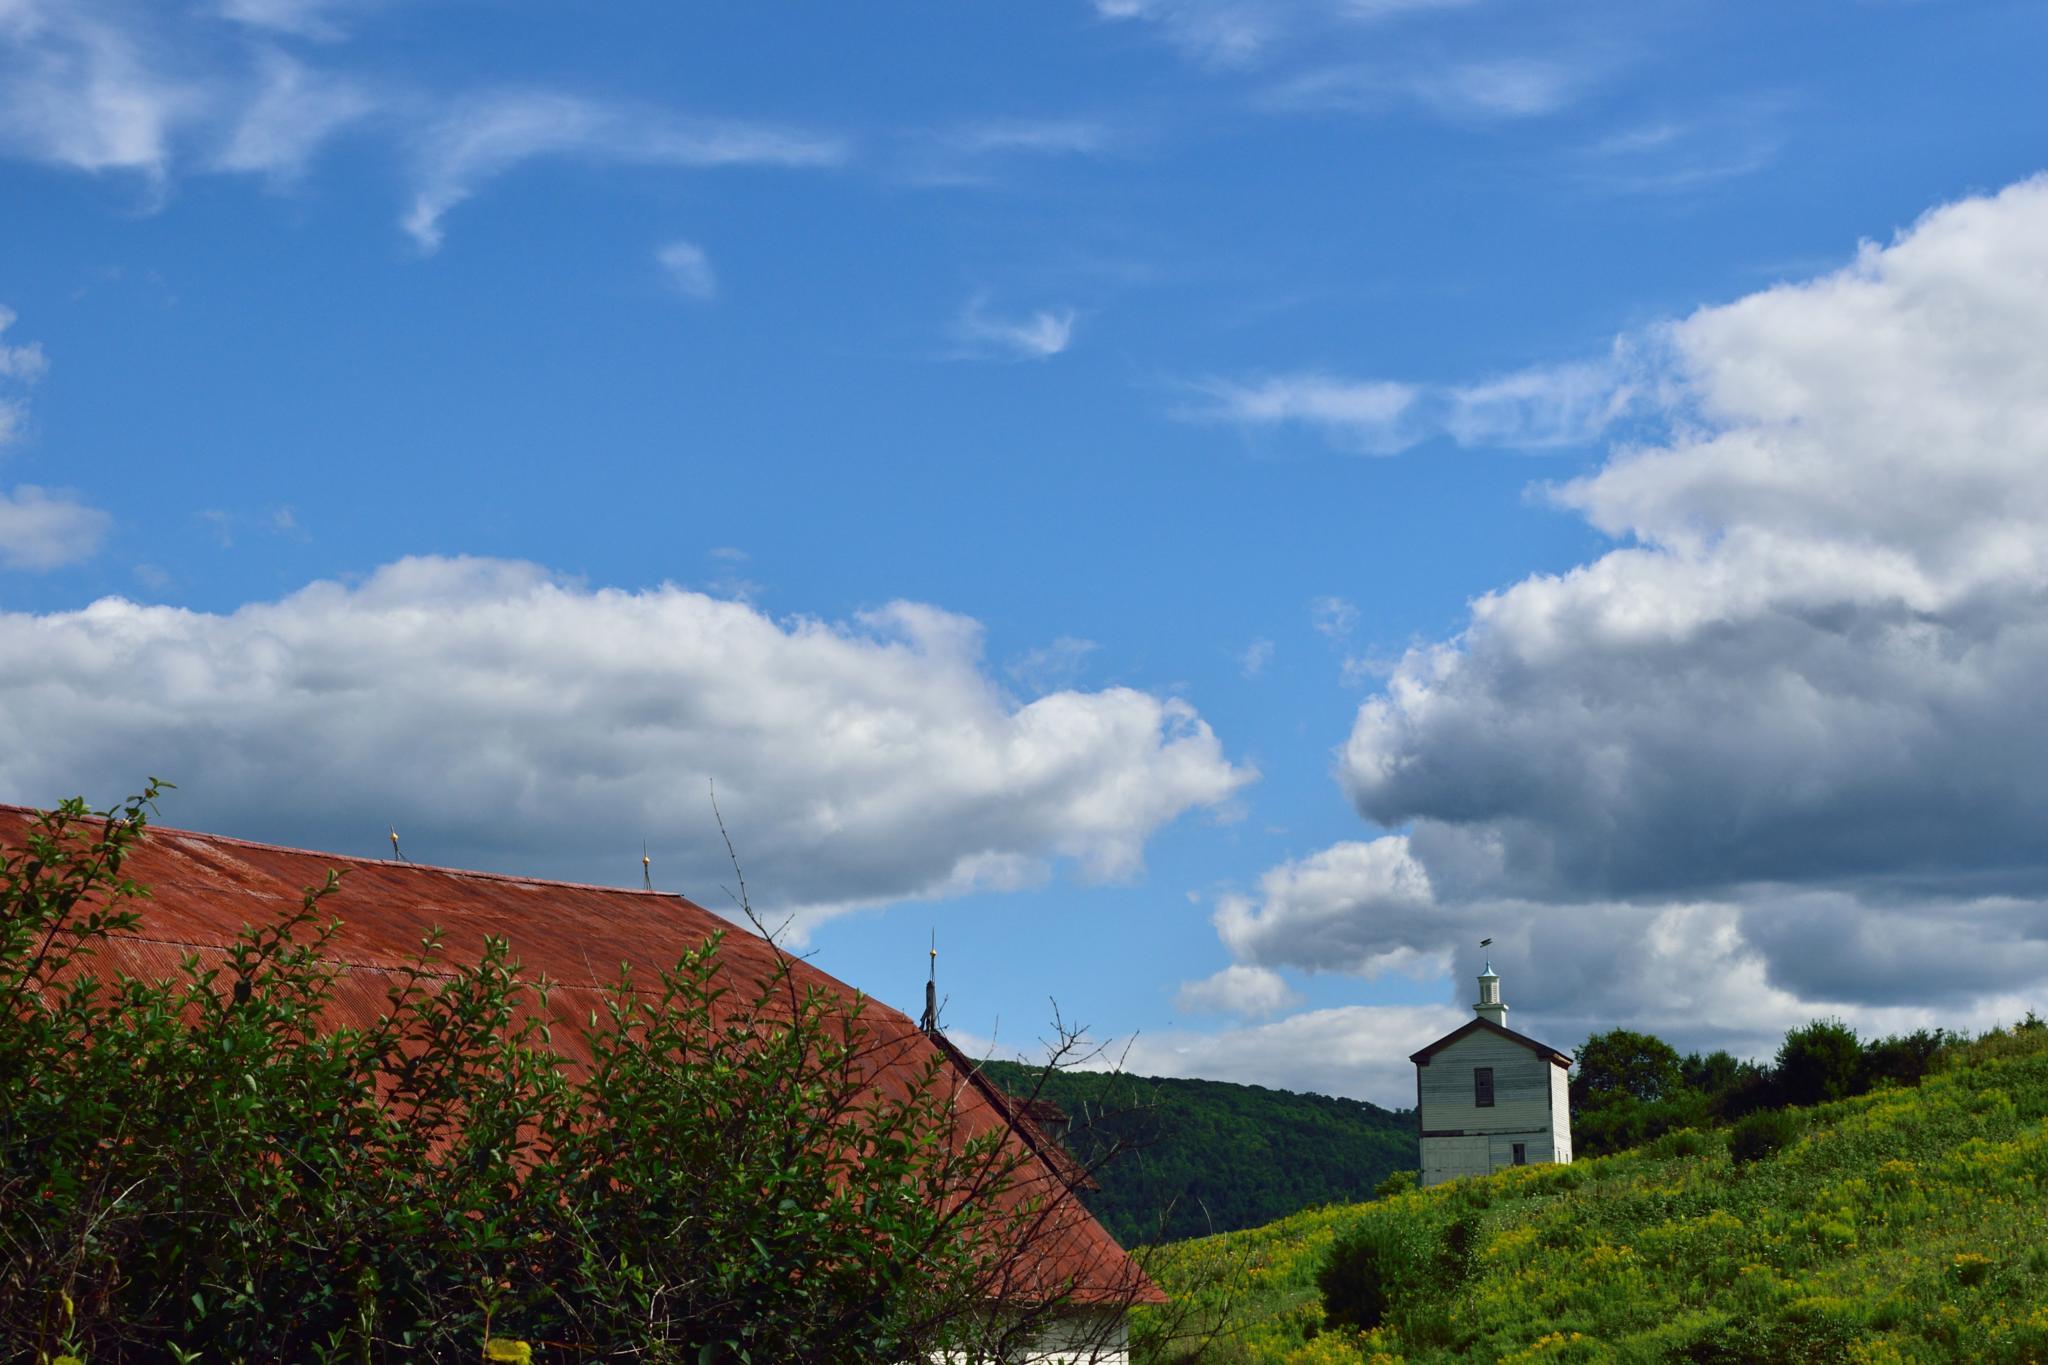 Vermont hillside by judy.gilland.7